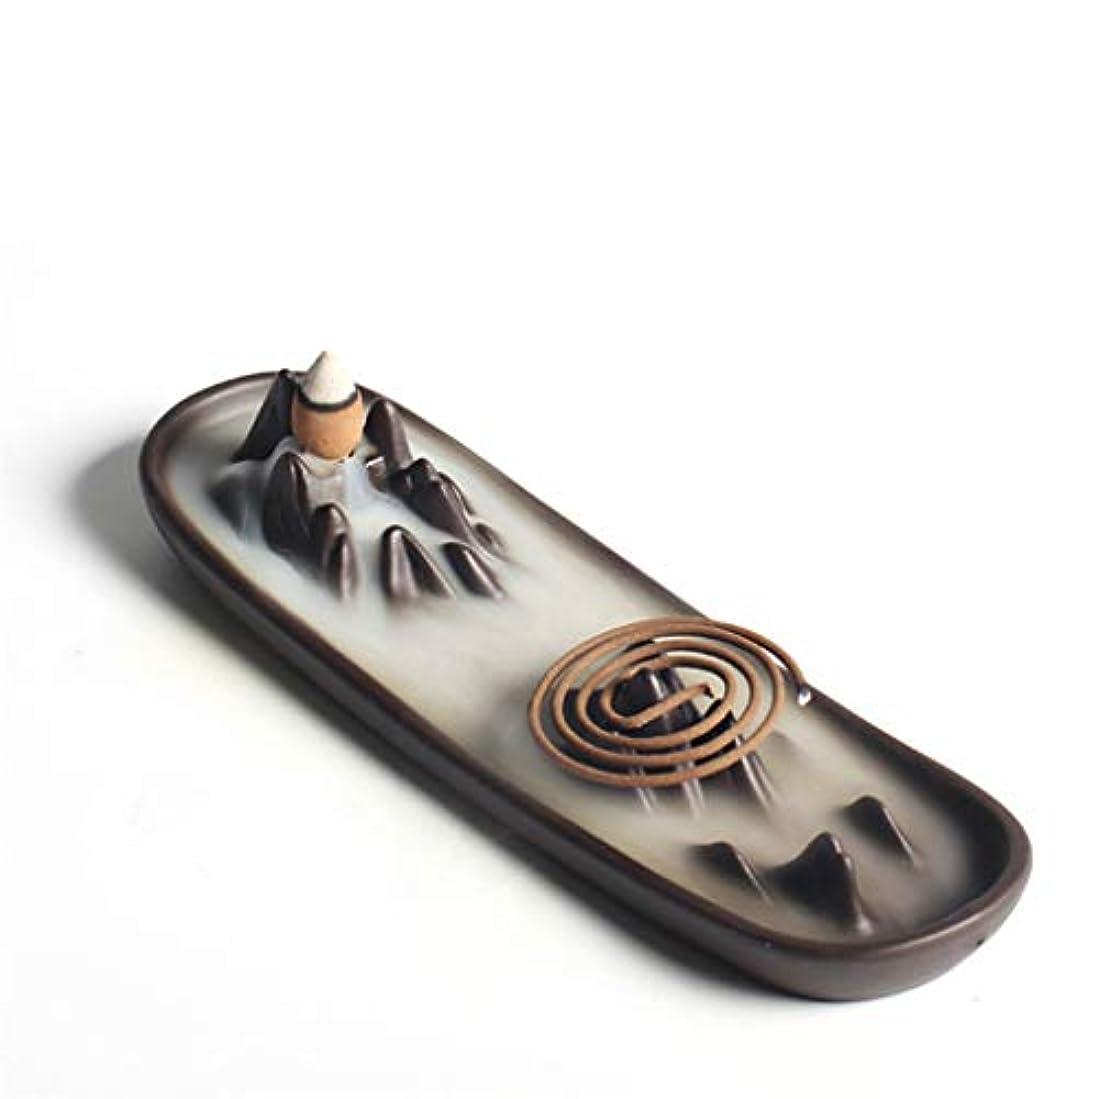 フラグラント宙返りそっと芳香器?アロマバーナー 逆流香バーナー家の装飾セラミックアロマセラピー仏教の滝香炉香コイルスティックホルダー 芳香器?アロマバーナー (Color : A)